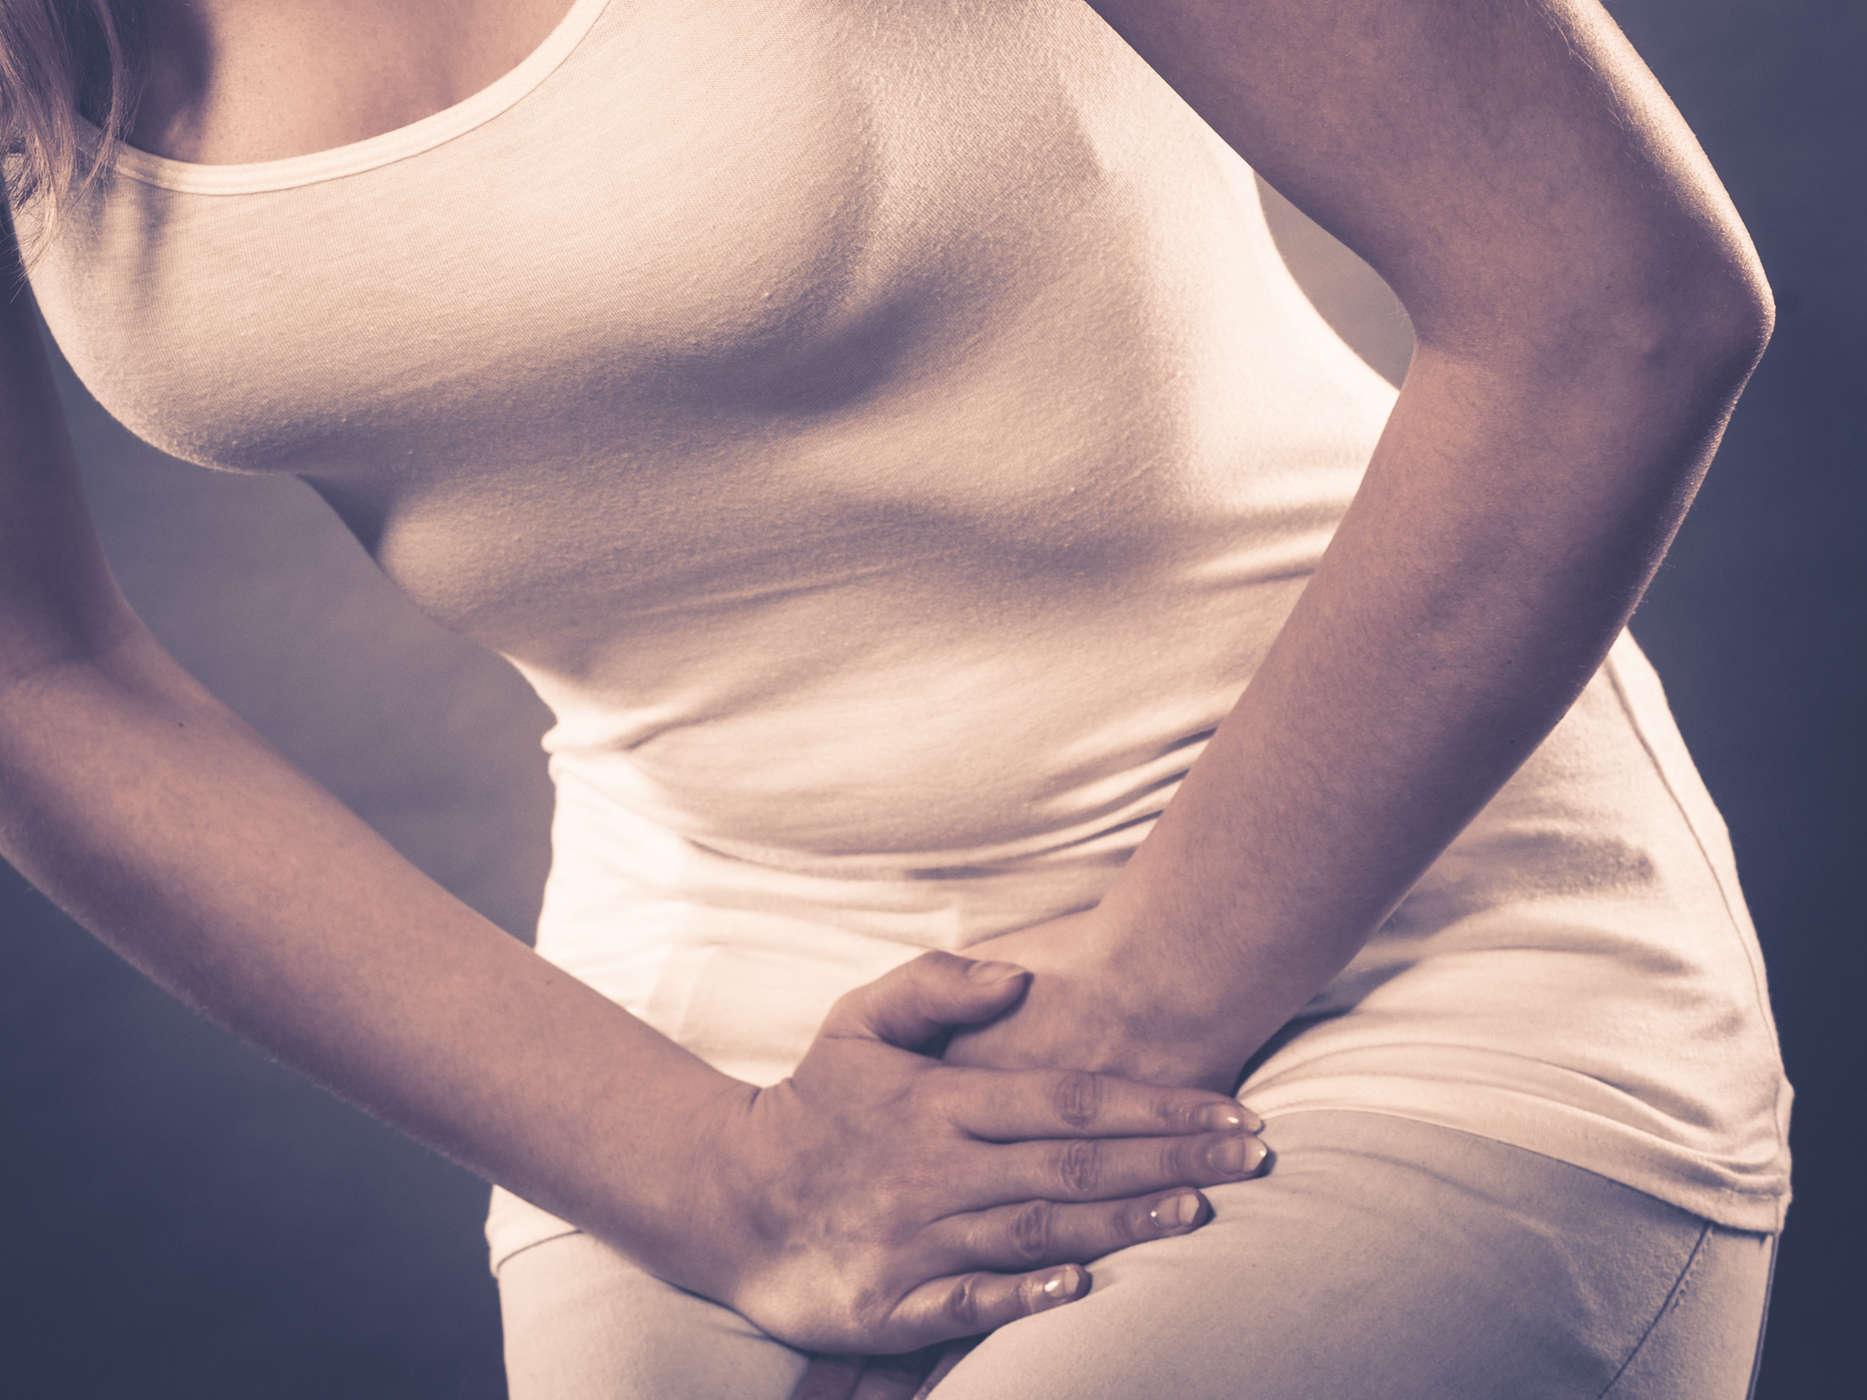 Đau vùng chậu có thể là dấu hiệu u nang buồng trứng